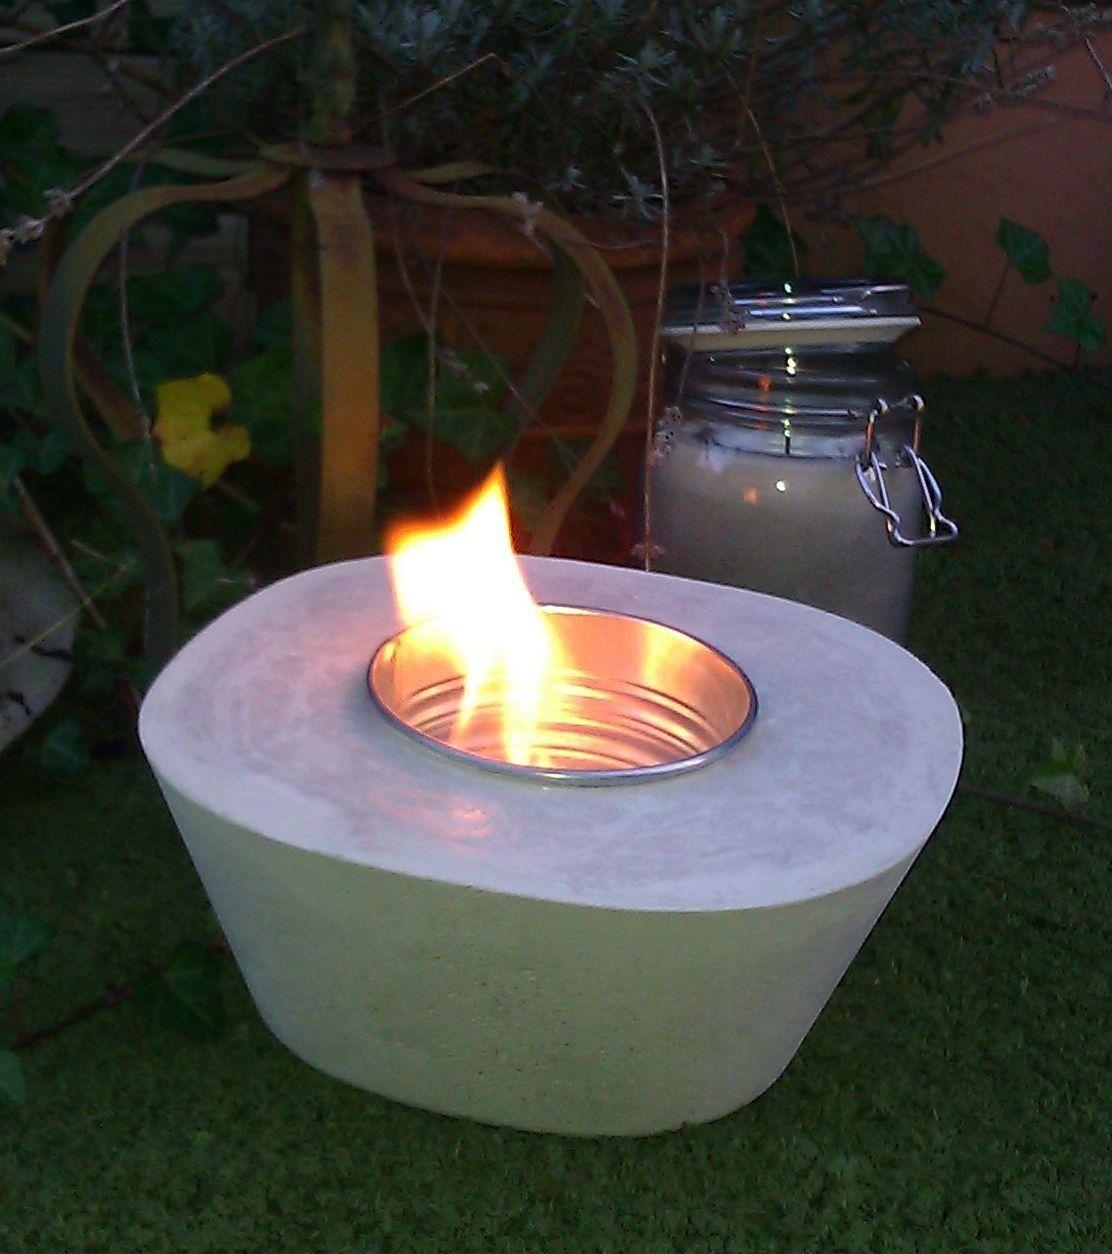 Beton Deko Garten: BETON-Feuerschale Für Ethanol